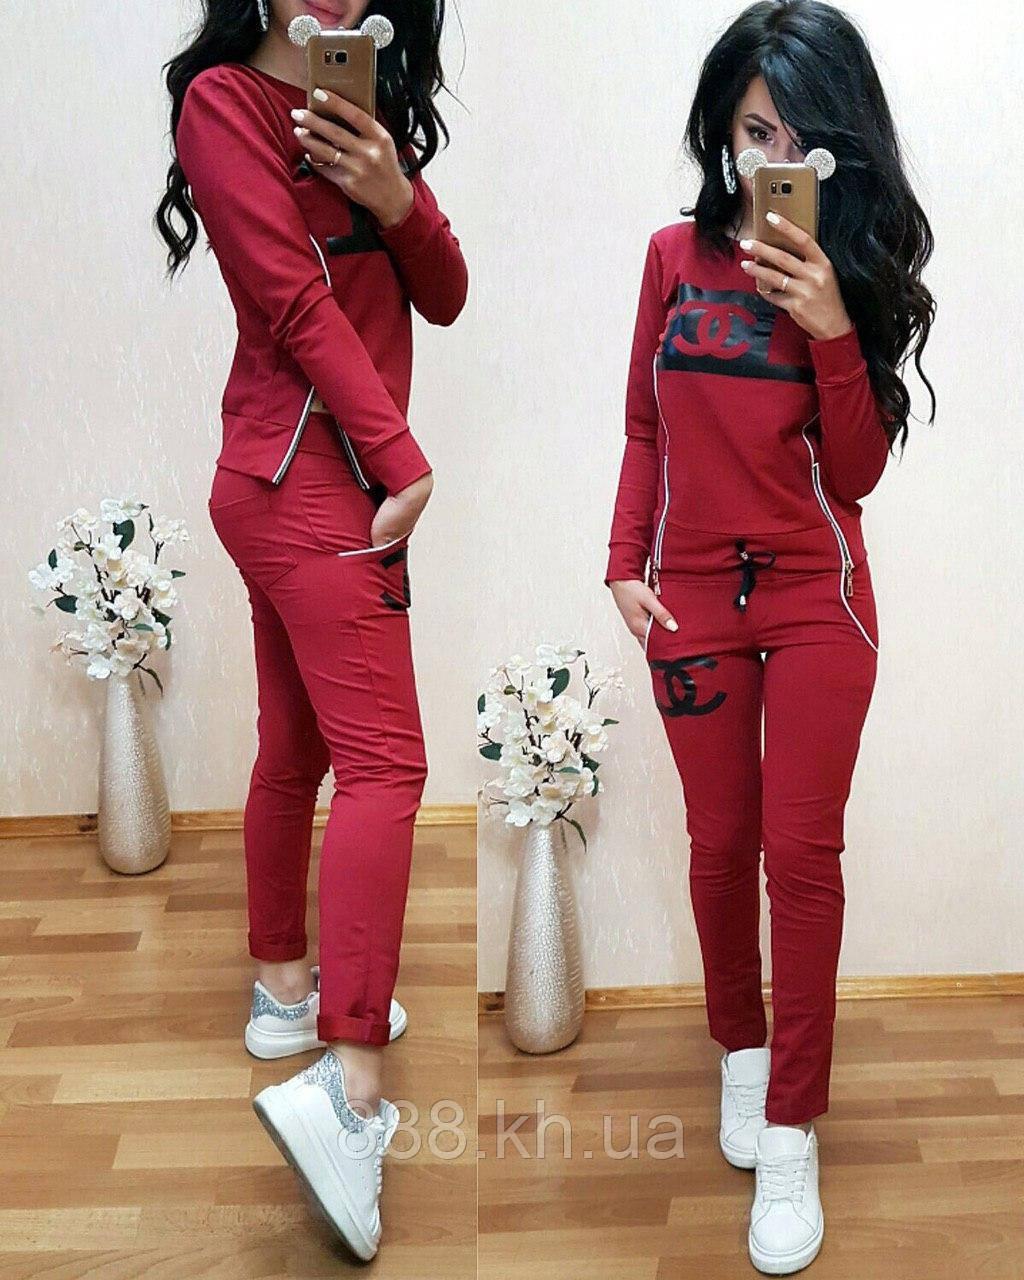 Женский спортивный костюм, Турецкий костюм для прогулок S/M/L/XL/2XL (бордо)